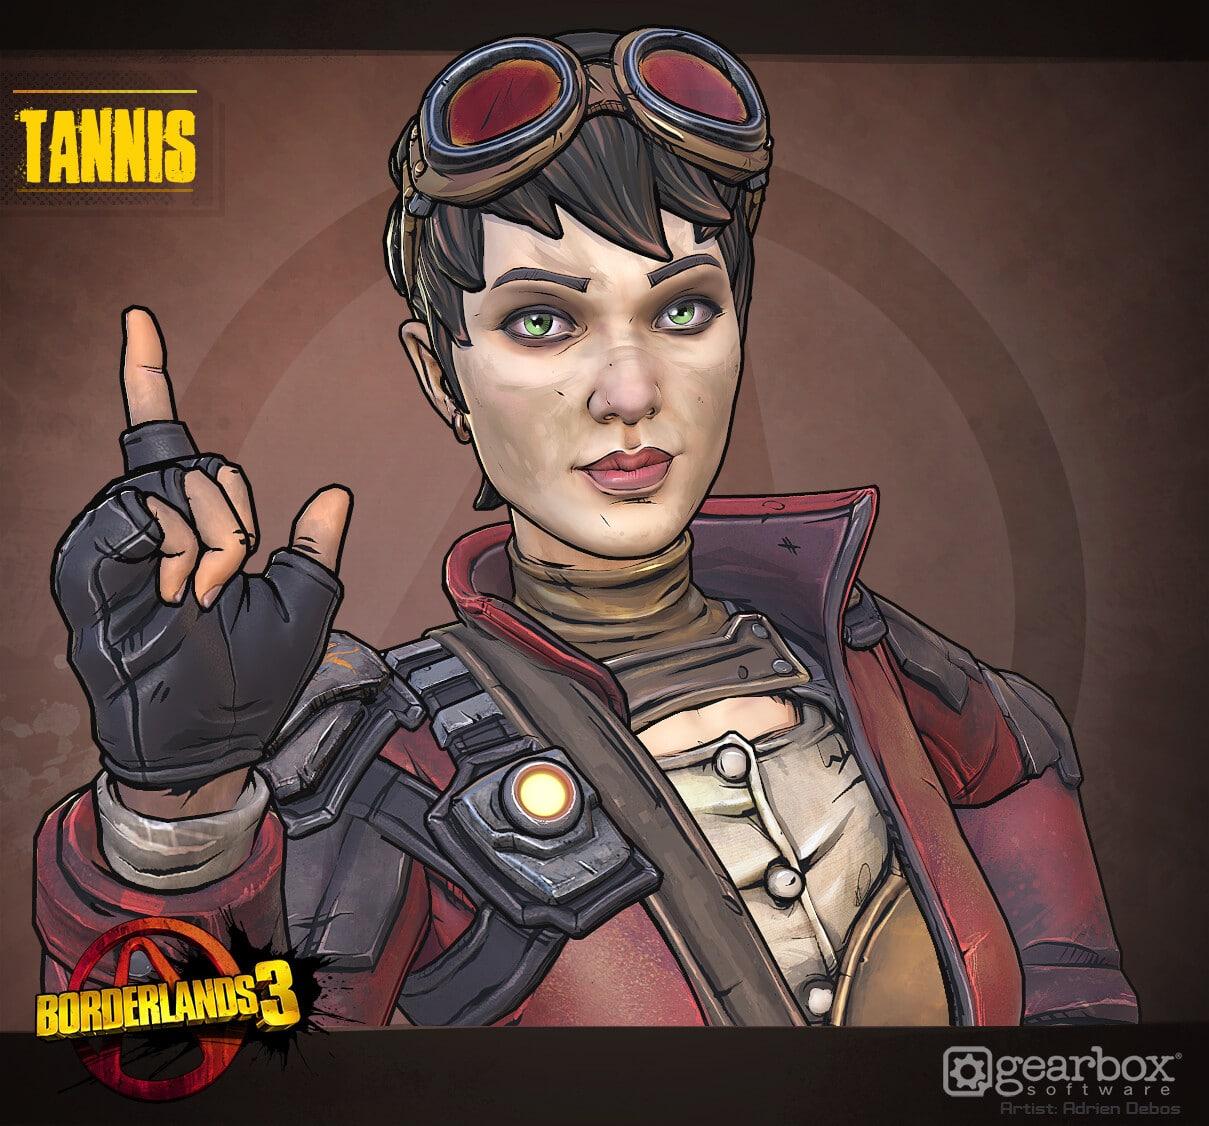 Tannis dans les jeux vidéo Borderland